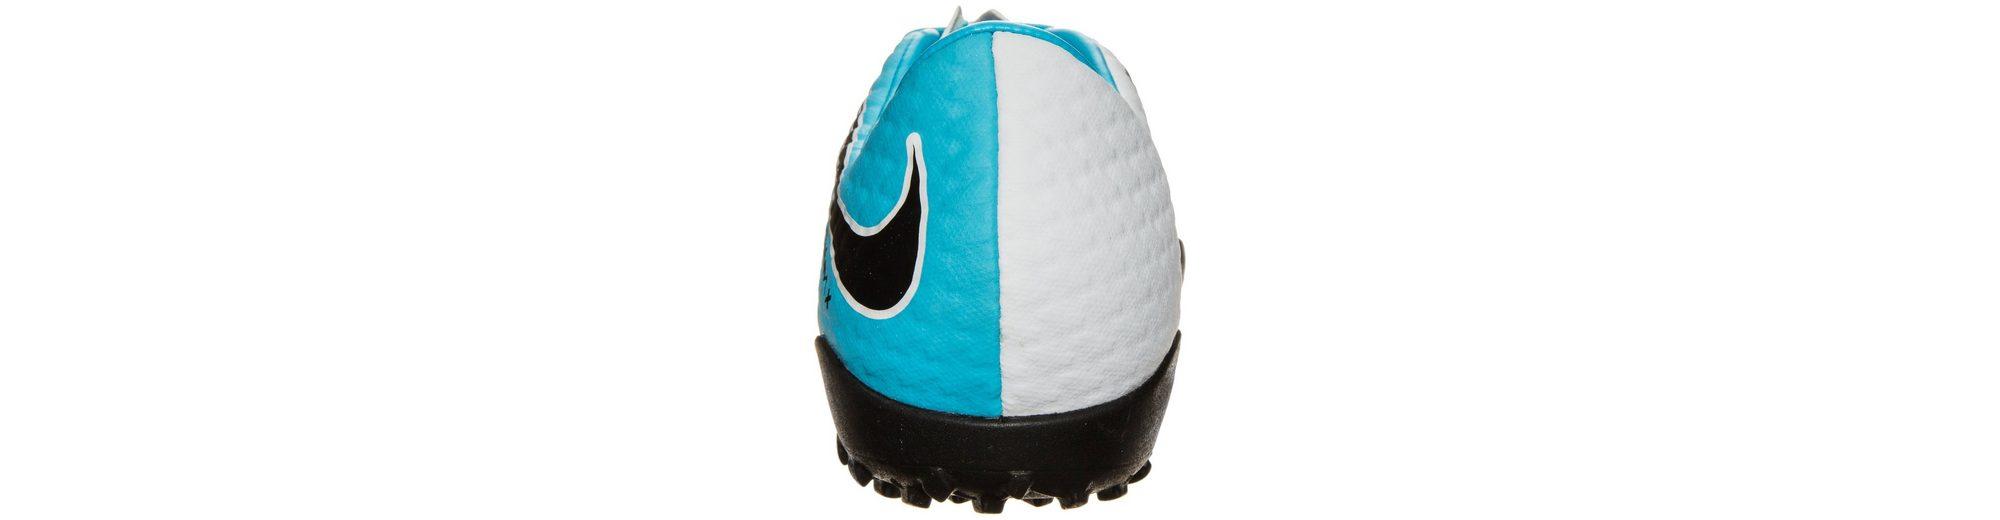 Billig Verkauf Gut Verkaufen Nike Hypervenom Phelon Iii Fußballschuh Freies Verschiffen Billig Bester Online-Verkauf UyxtR9YWU